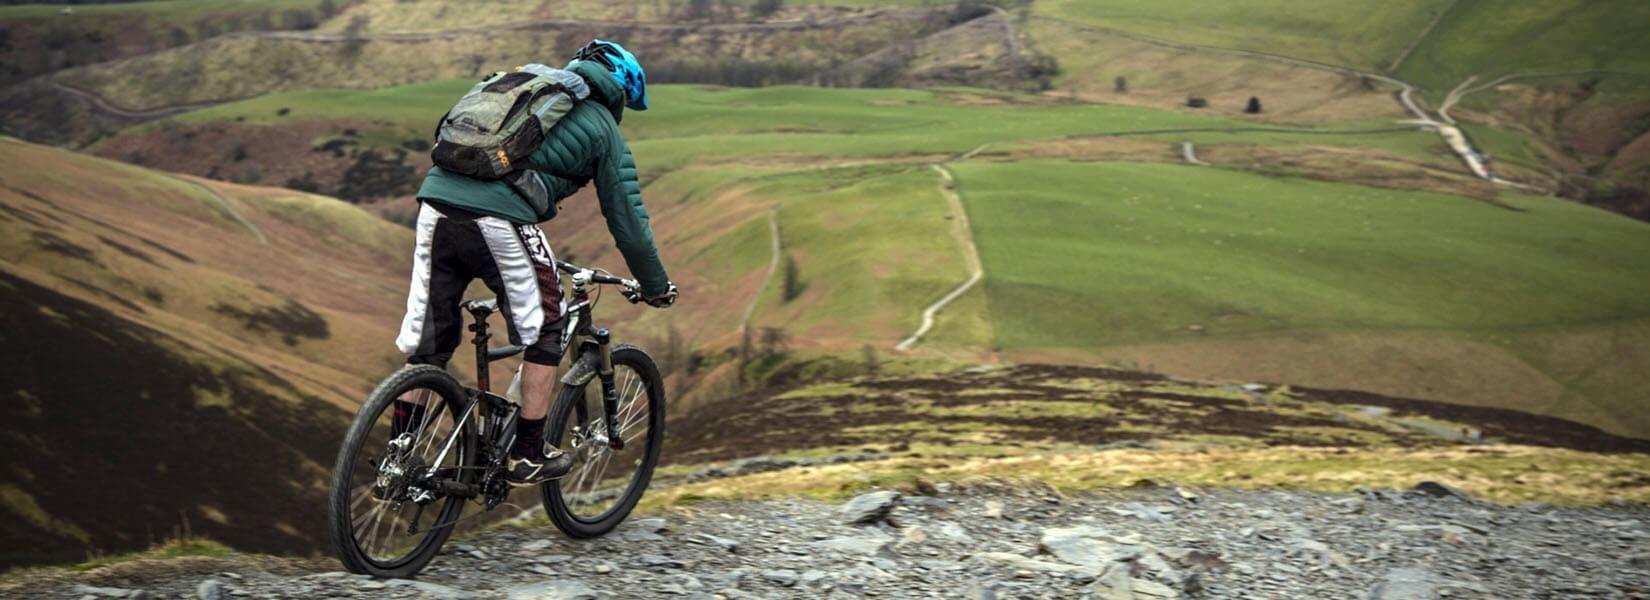 mountain biking trails in nepal